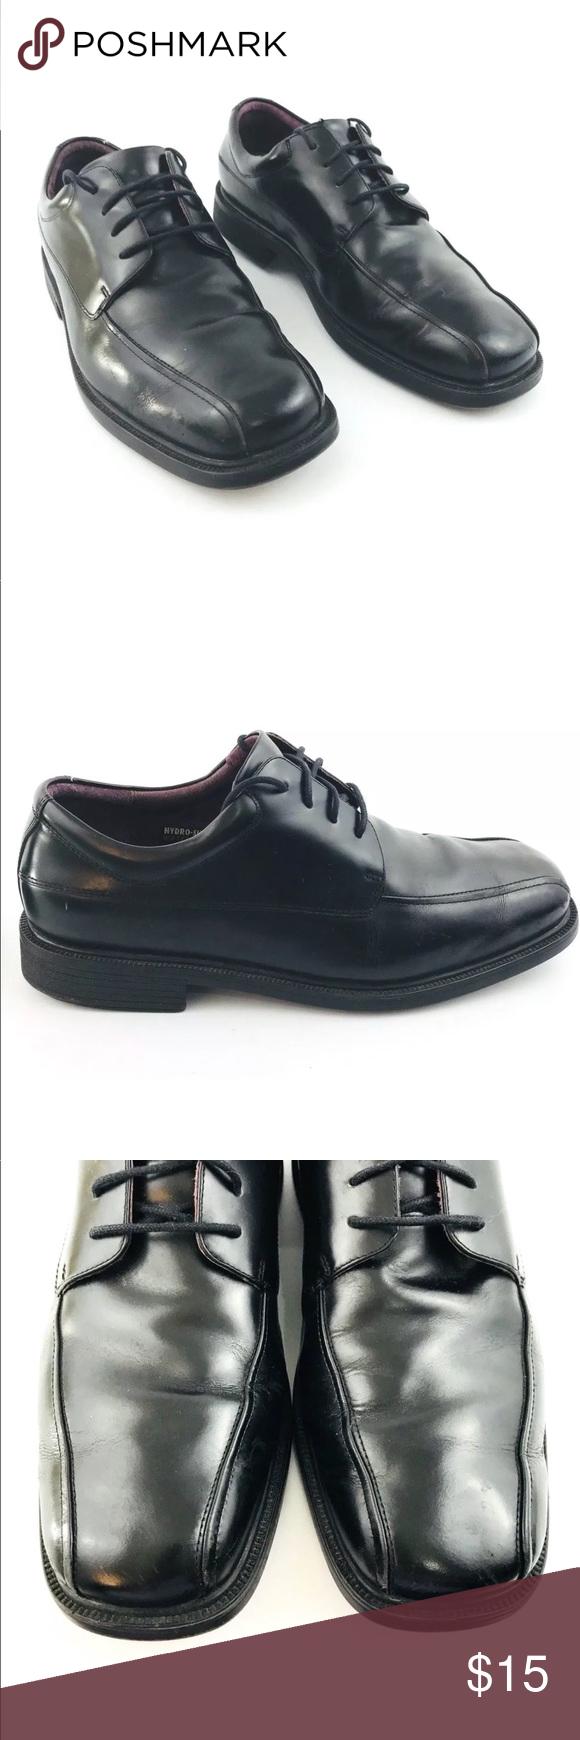 shoes, Rockport shoes, Dress shoes